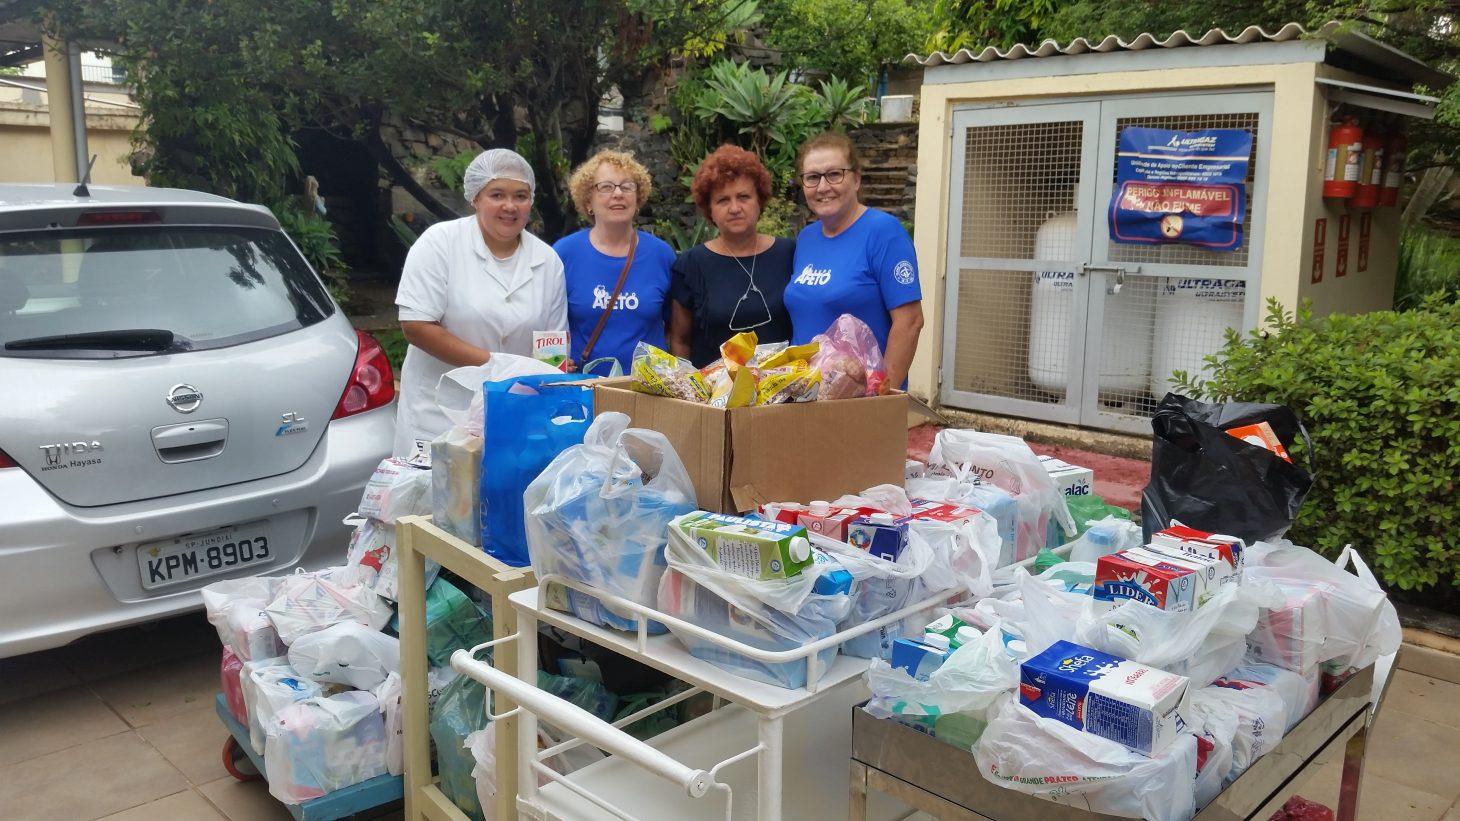 Recebimento e doação de leite do evento do Coral, realizado na sede central. Foram recebidos 380 litros de leite e encaminhados para o Lar de idosos - Nossa Senhora das Graças. A quantidade é suficiente para 4 dias no lar.